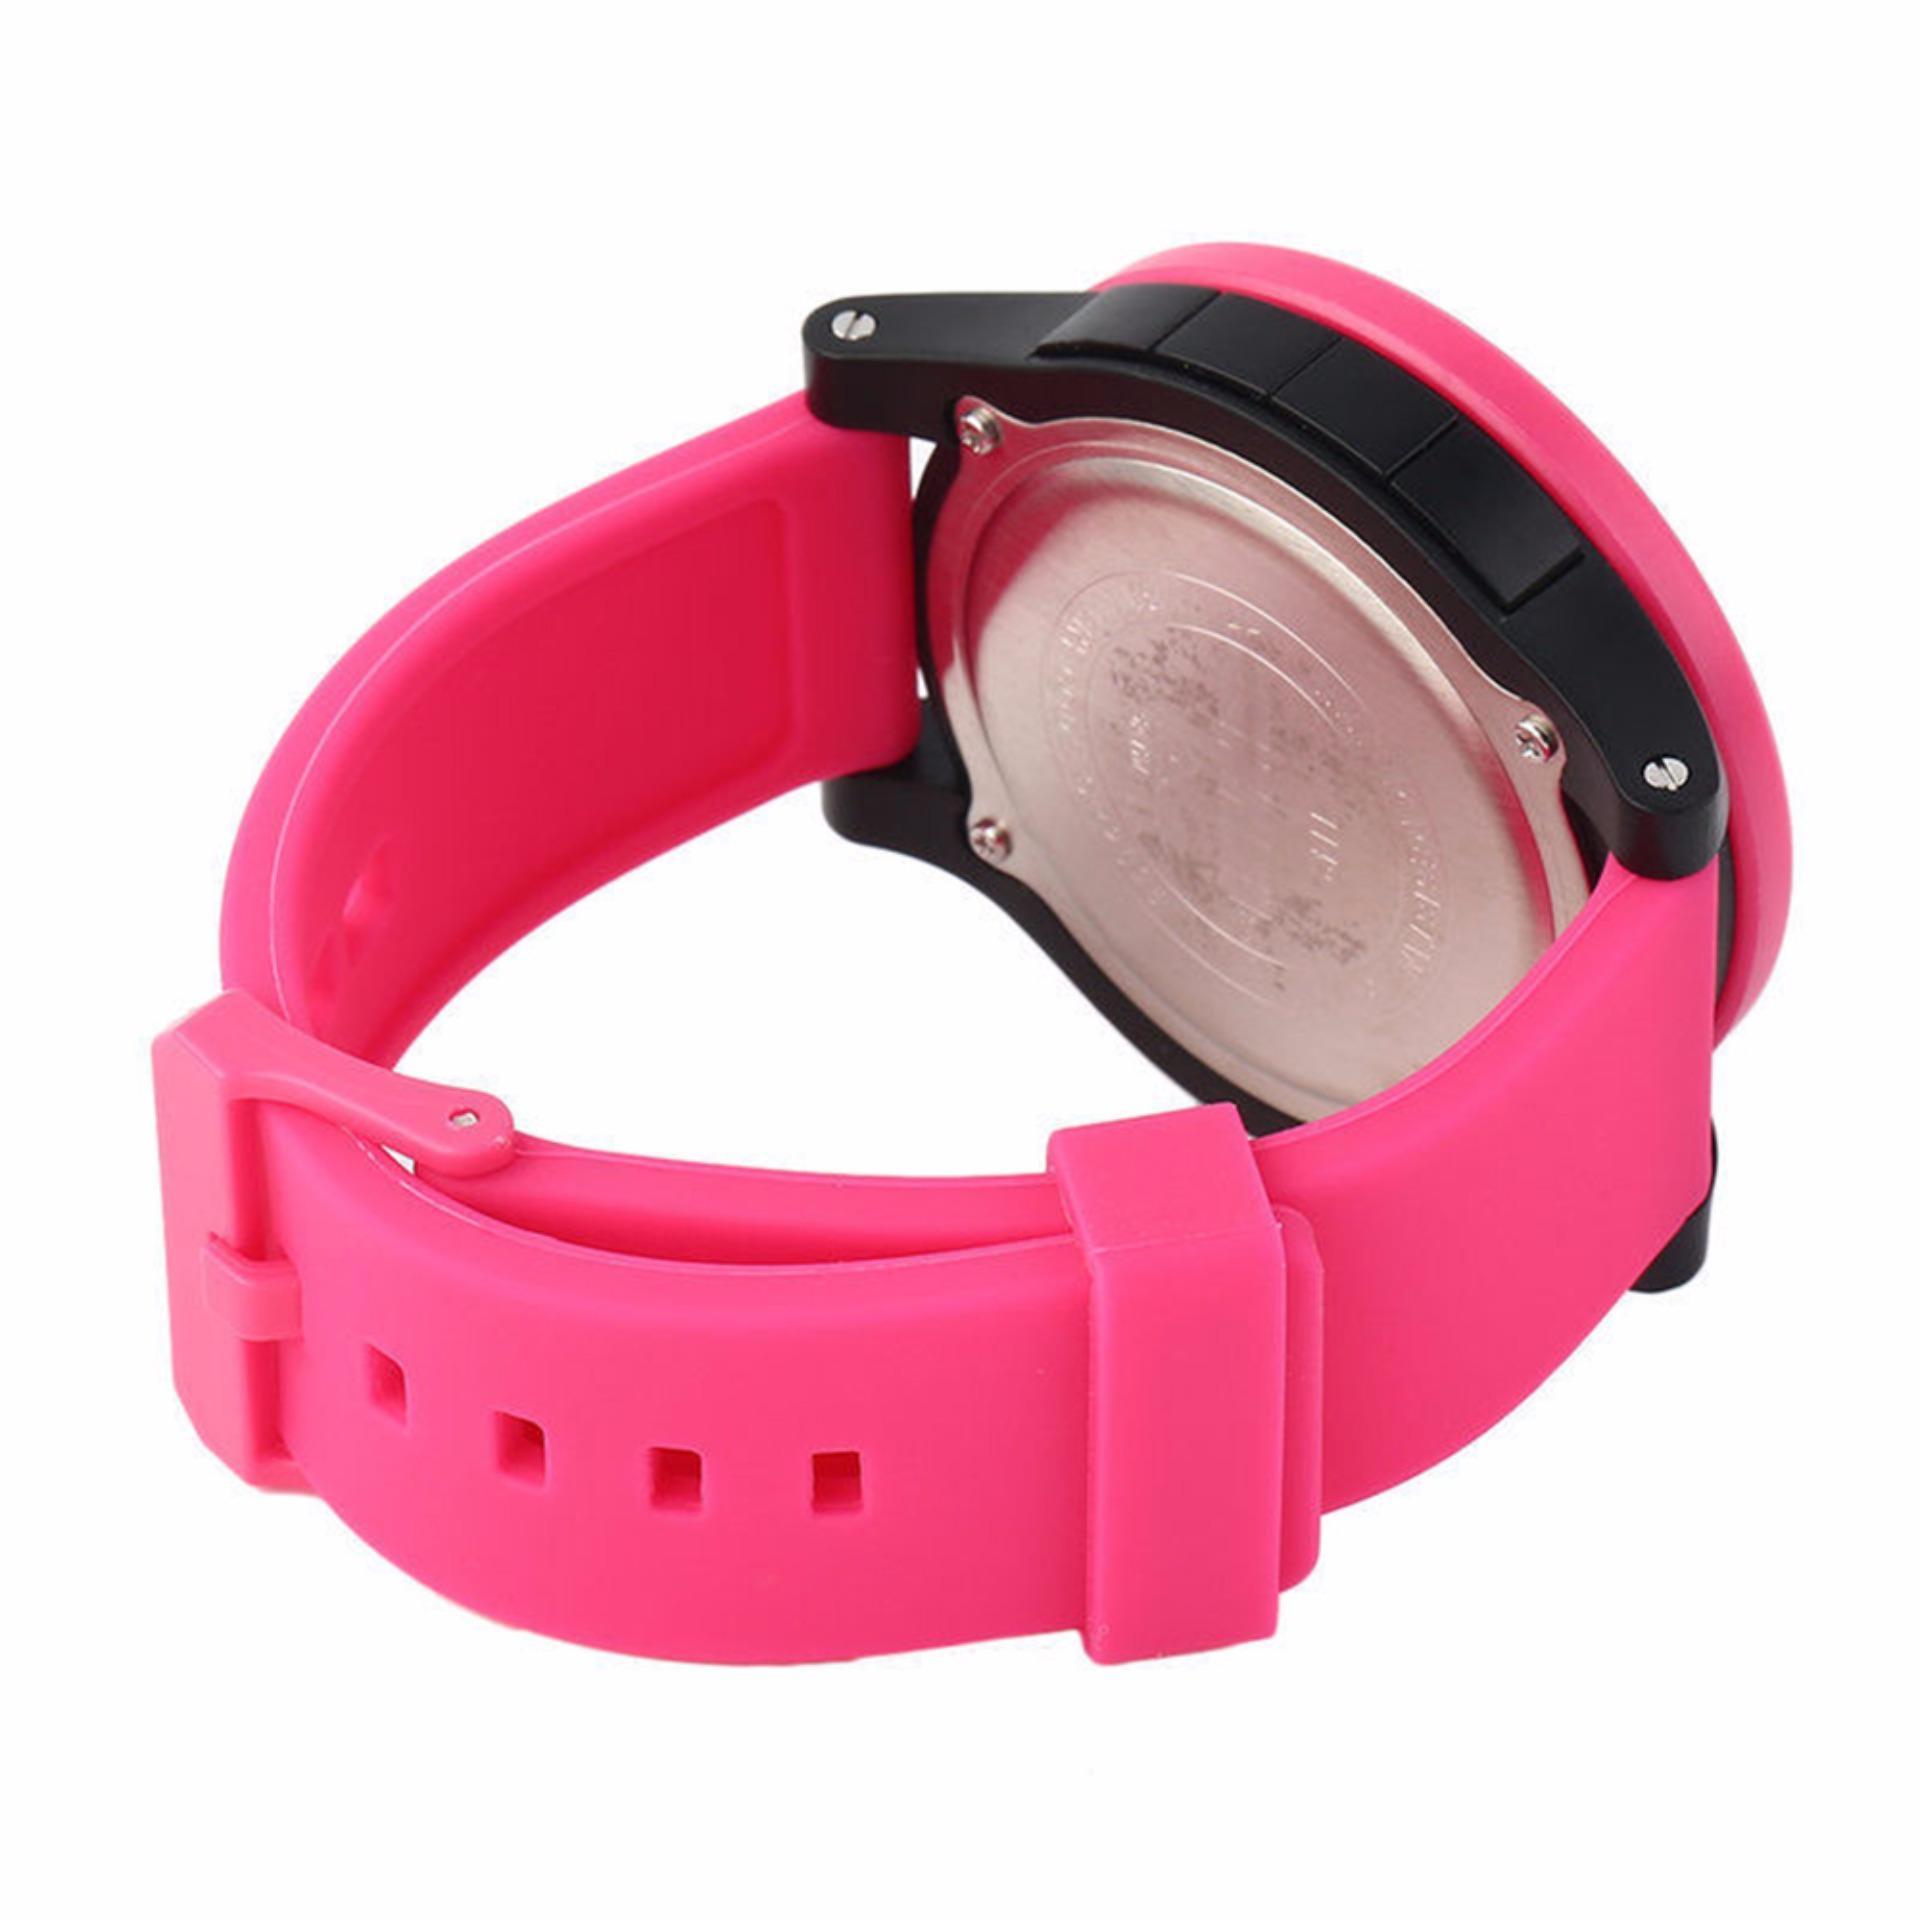 Skmei Trendy Men Led Display Watch Water Resistant 50m Dg1218 Biru Jam Tangan Pria Casio Sport Ad1109 Ad1031 Hitam Dan Spesifikasinya Source Suunto G Shock Swiss Army 1142 Dg1142 Tali